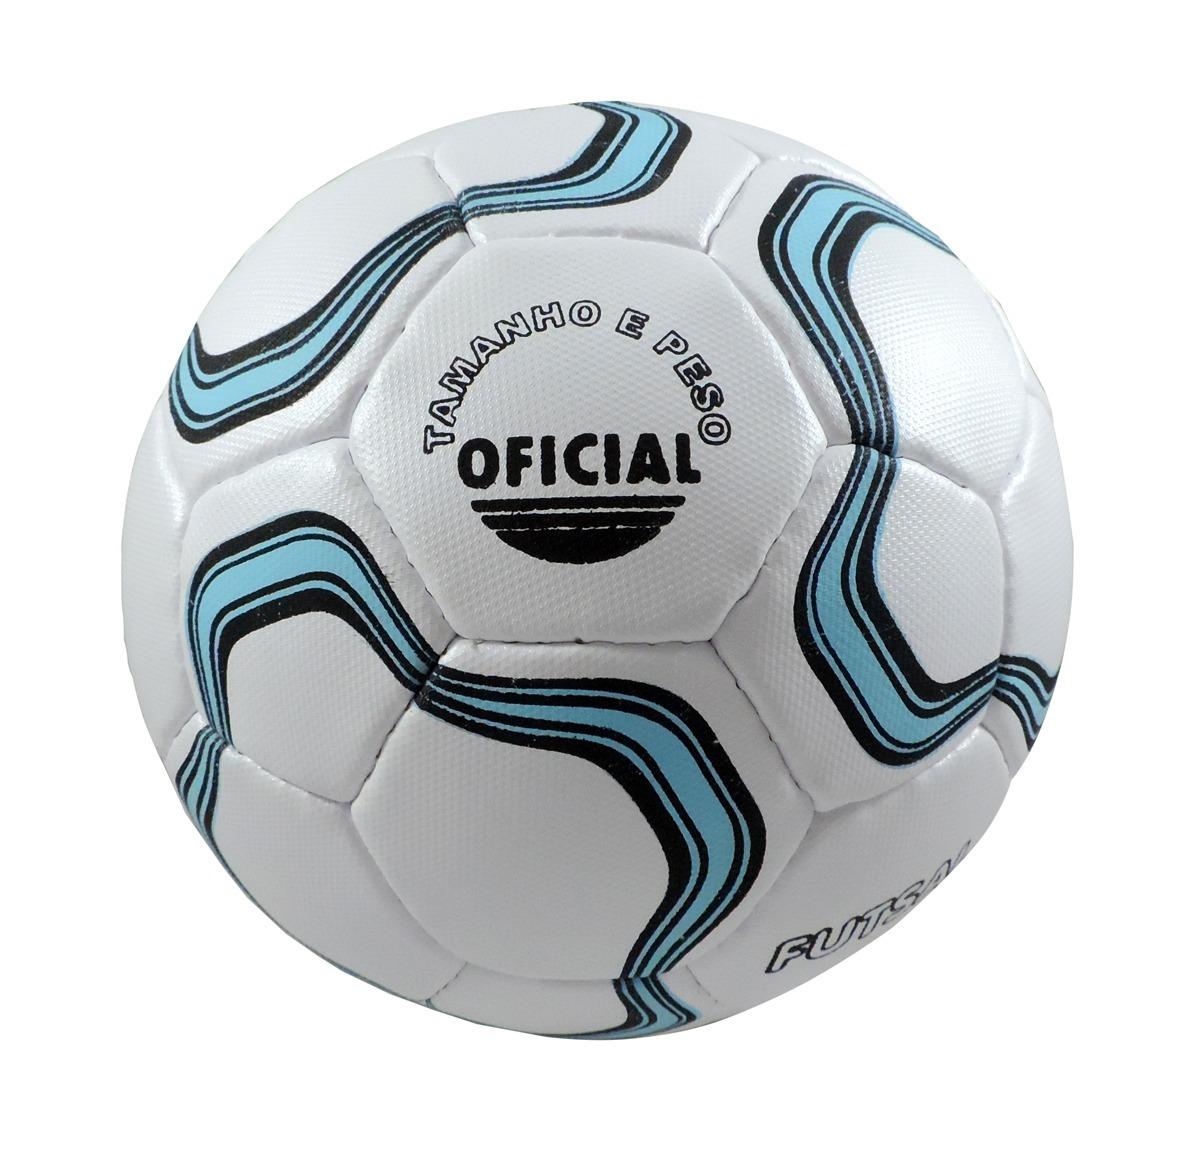 9f41ae1659e63 Bola De Futsal Futebol Salão Quadra - Misaki Adulto - R  43